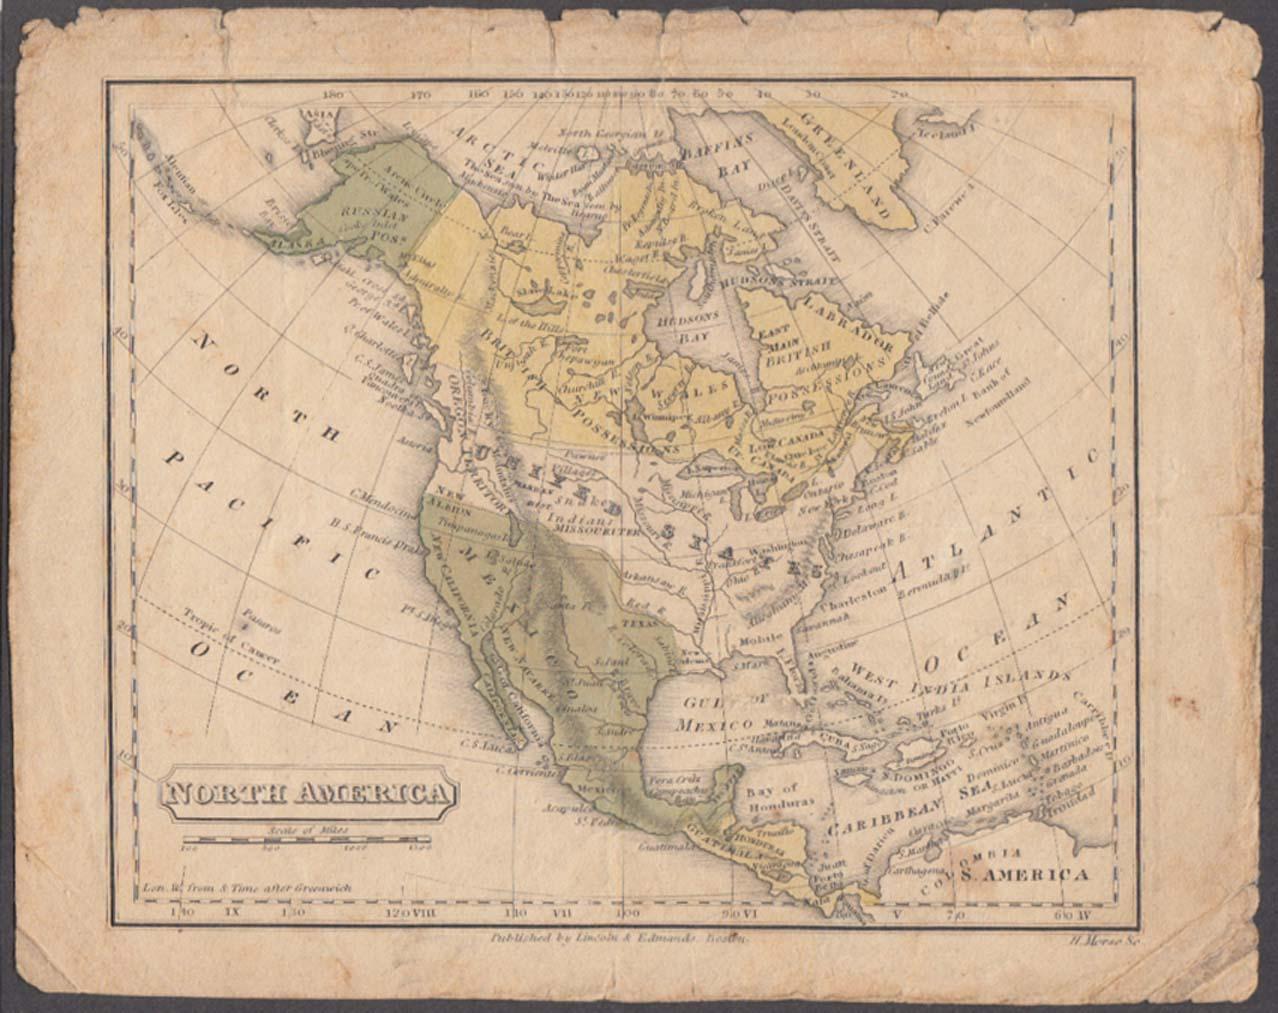 North America hand-colored map 1831 Lincoln & Edmands Boston School Atlas